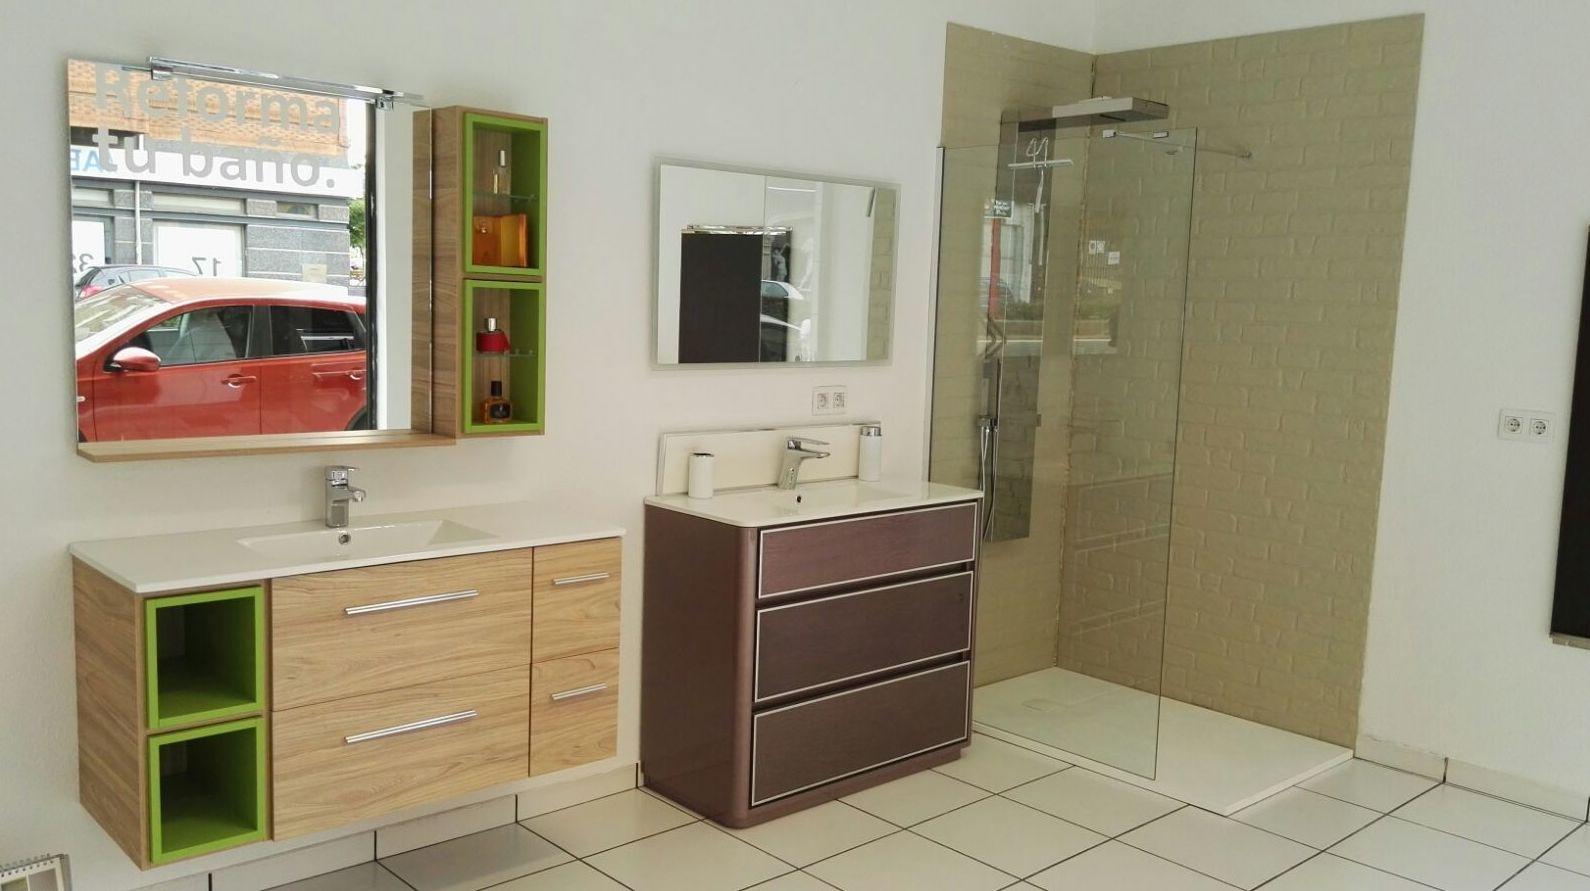 de Reformas en baños y cocinas en León  F Alba, cocinas y baños